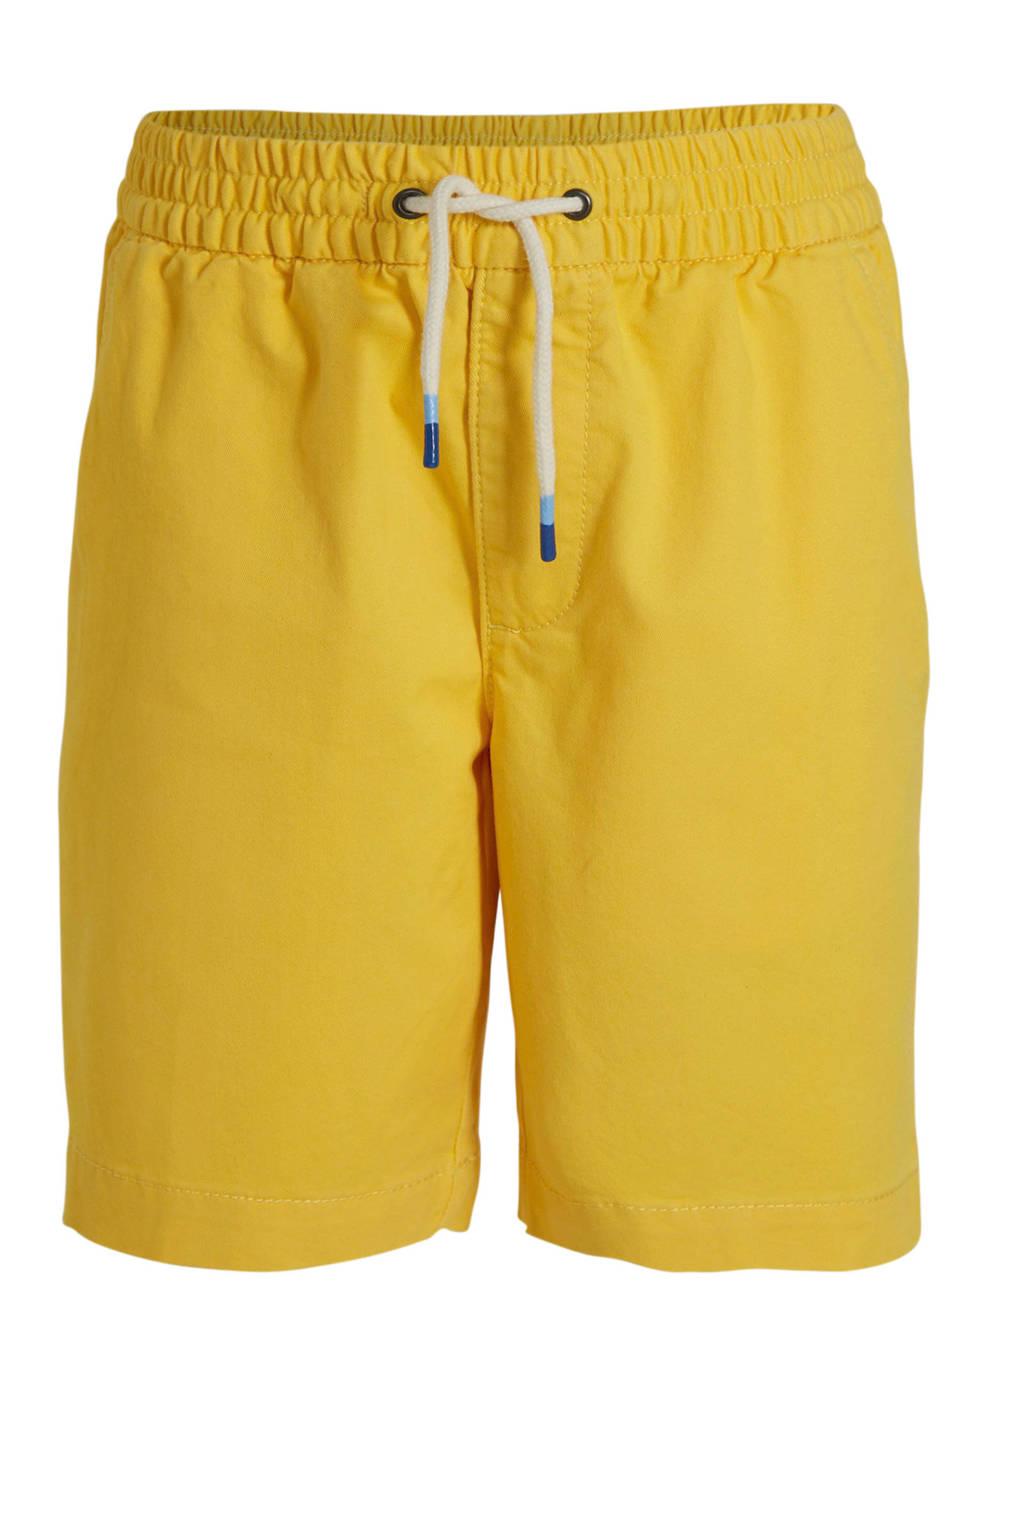 GAP short geel, Geel